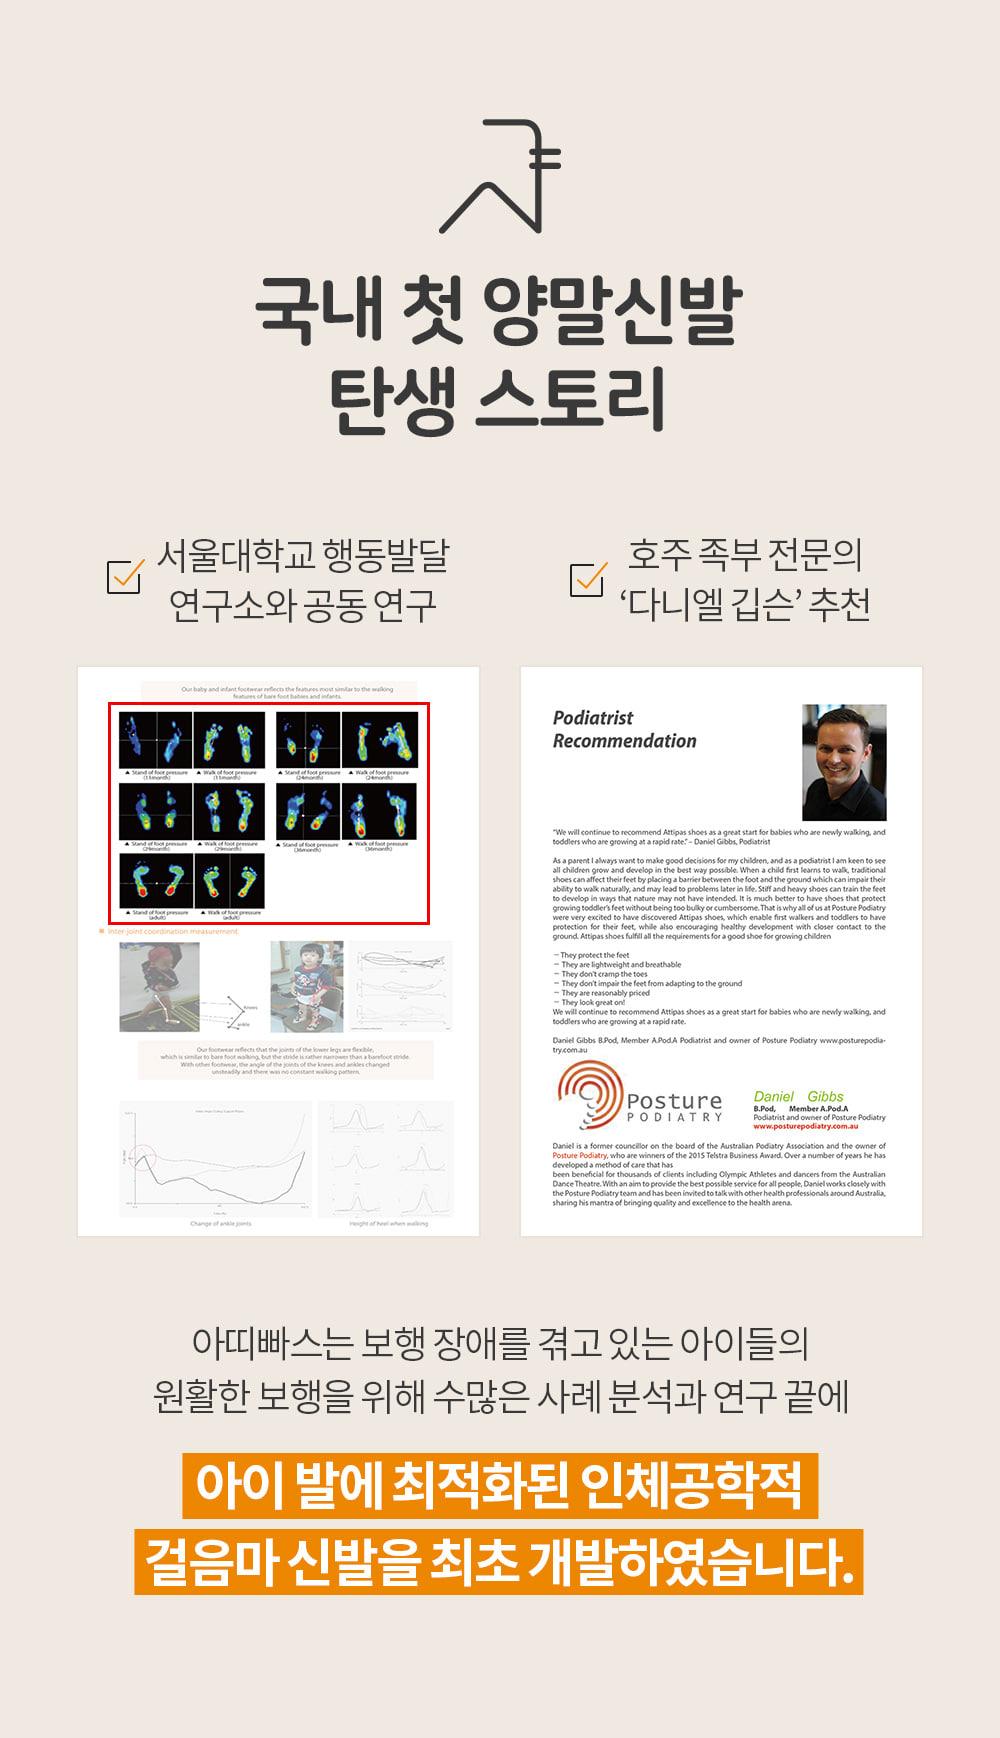 아띠빠스 공통 영역 03